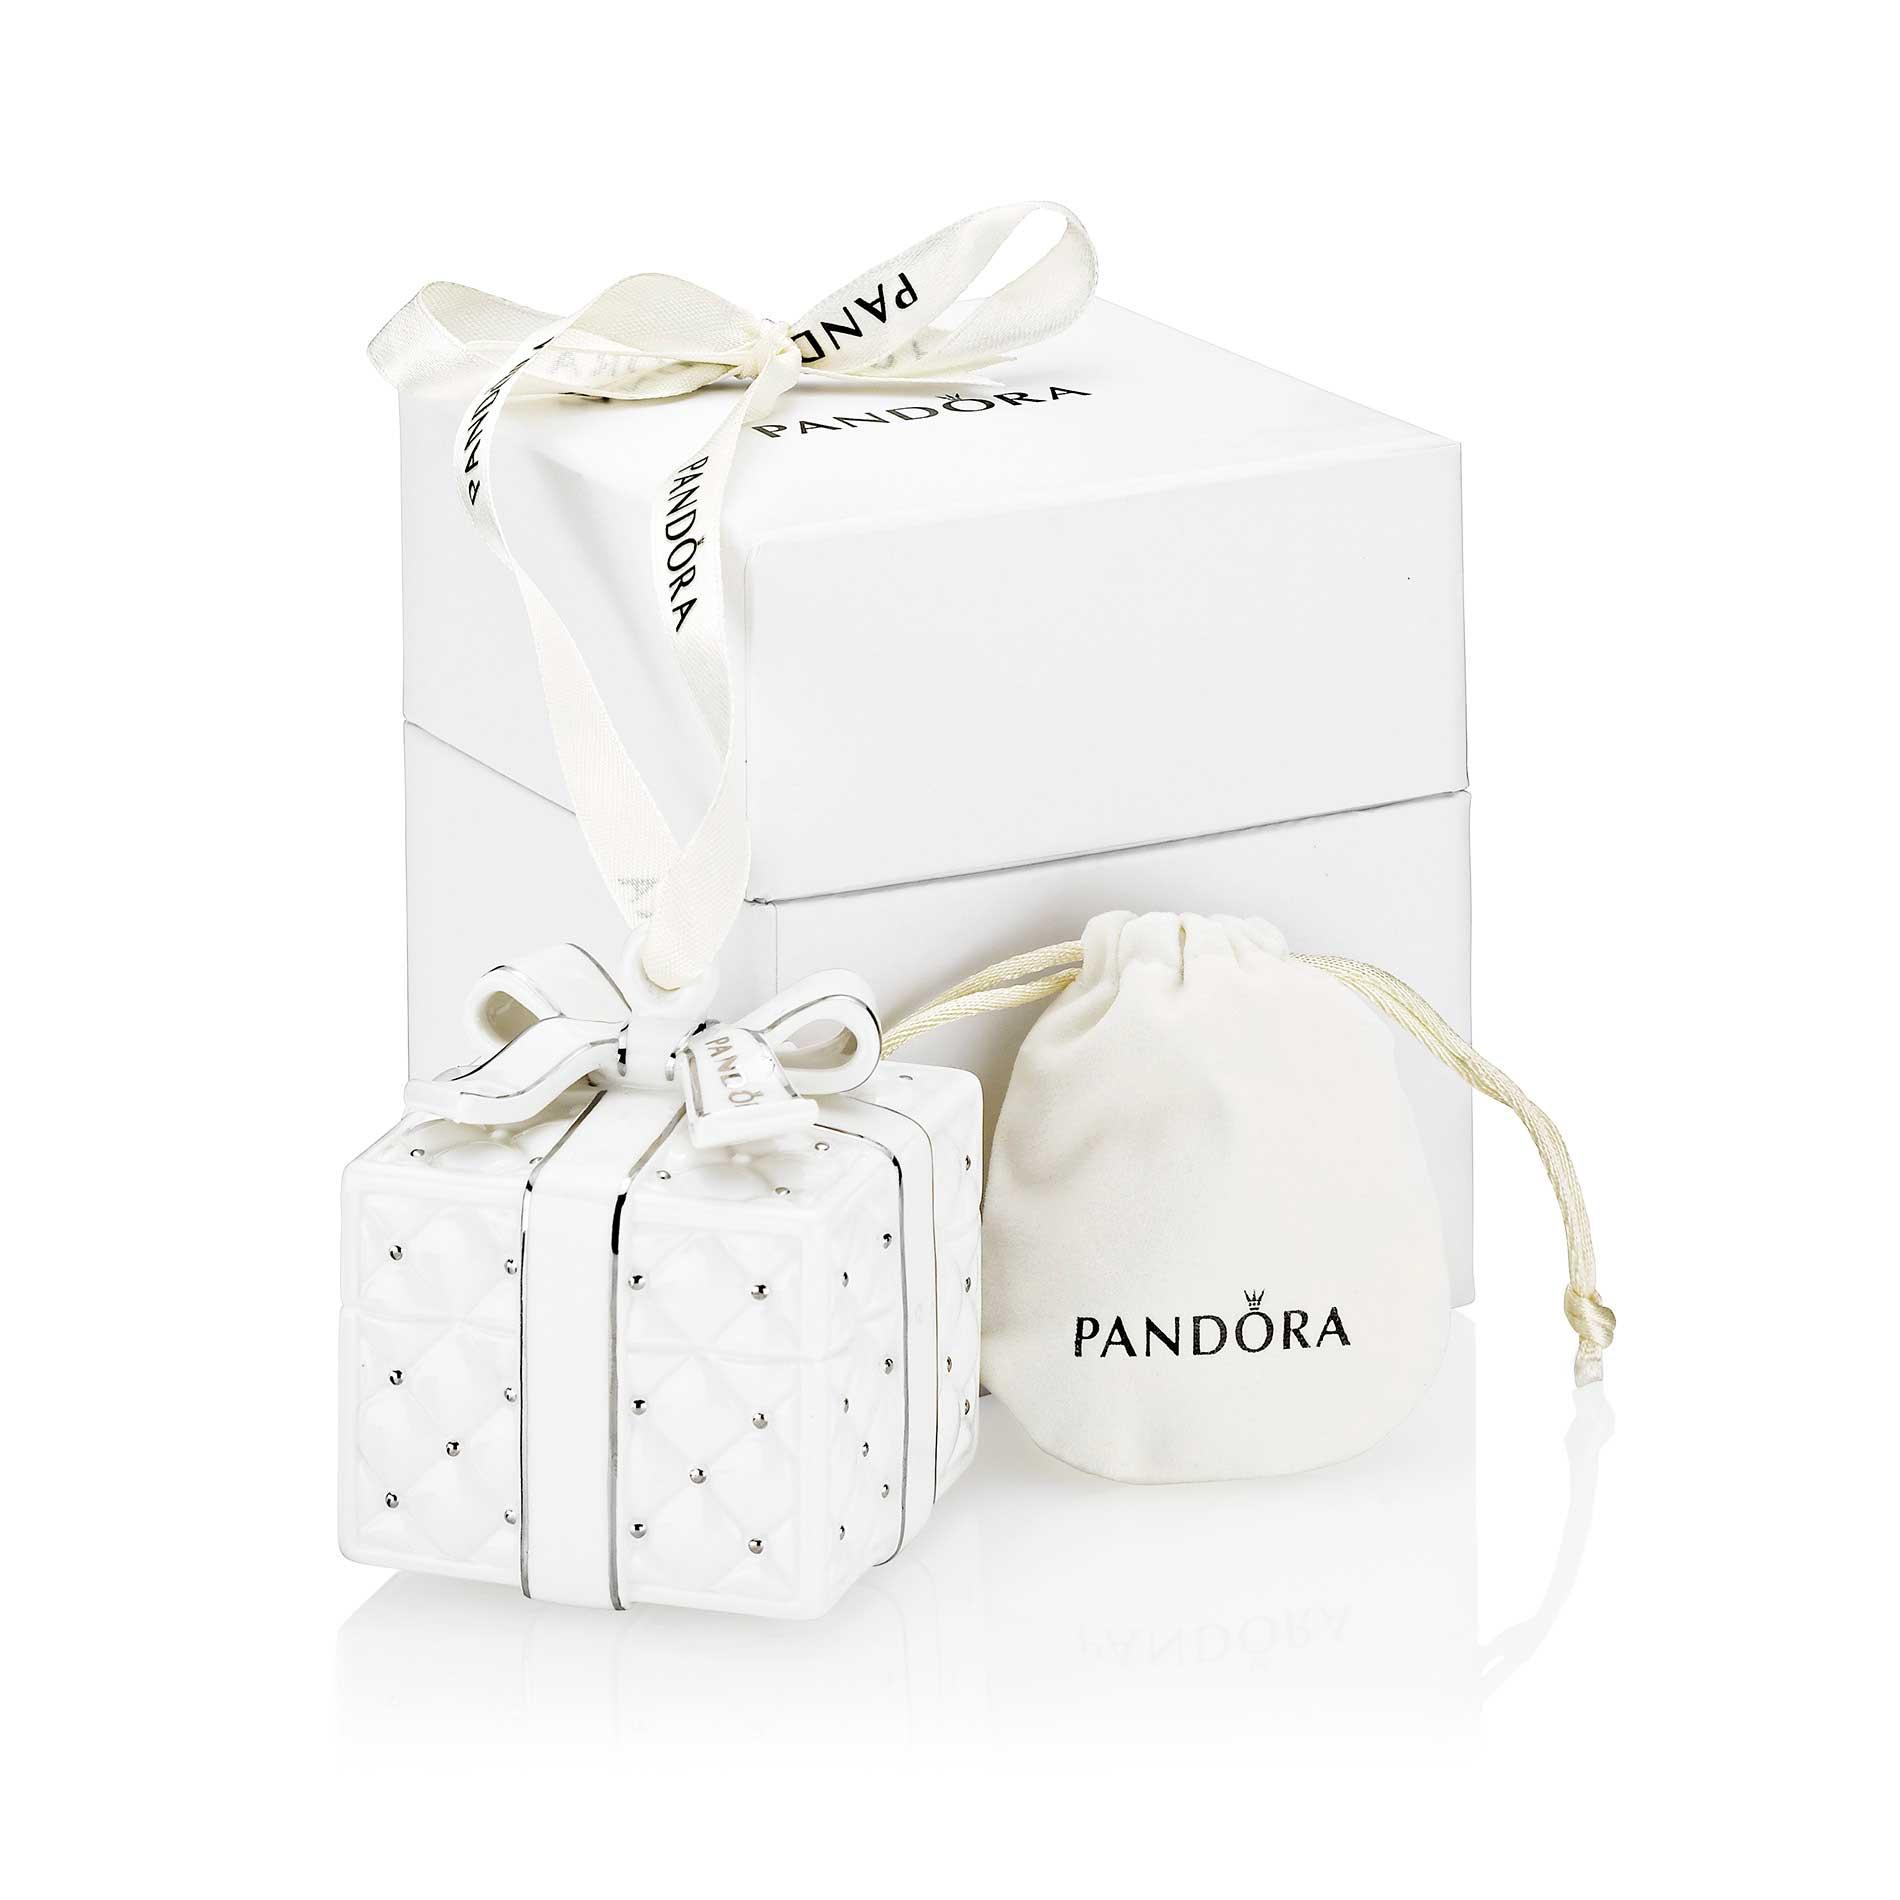 PANDORA 2016 Hidden Gift Ornament